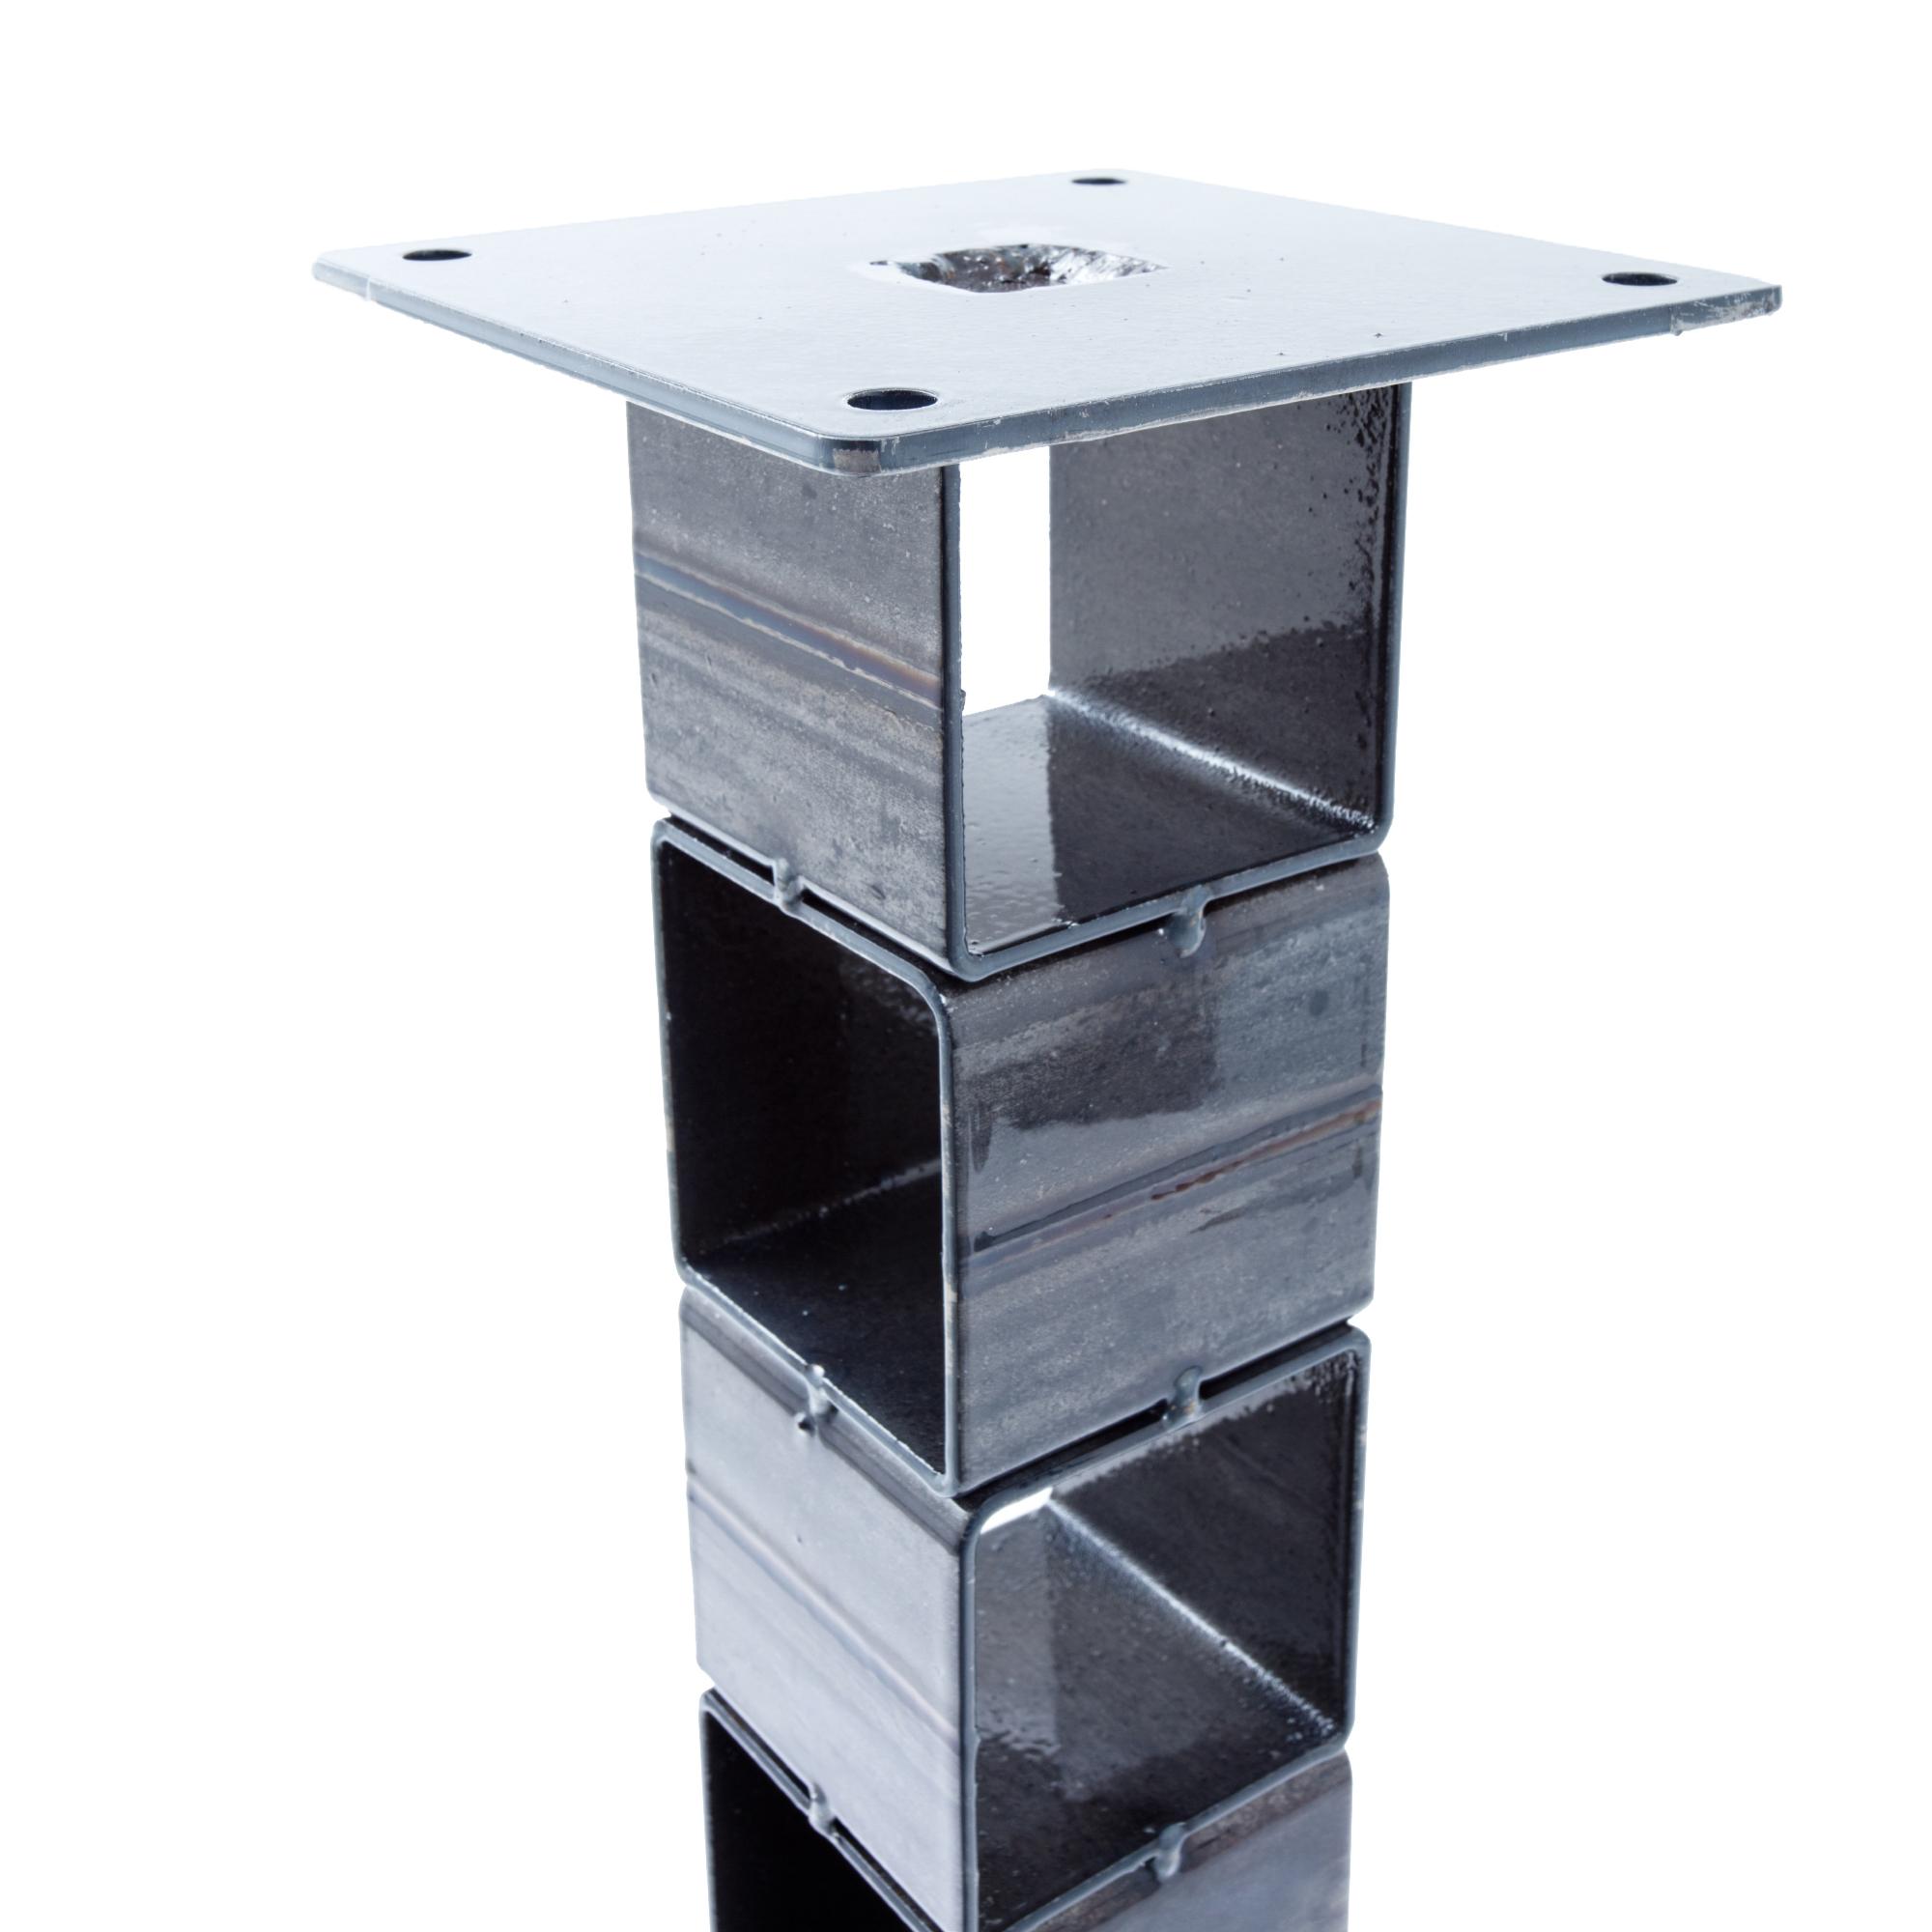 4x tischbein tisch selber bauen bausatz tischgestell loft eisen steel designer ebay. Black Bedroom Furniture Sets. Home Design Ideas